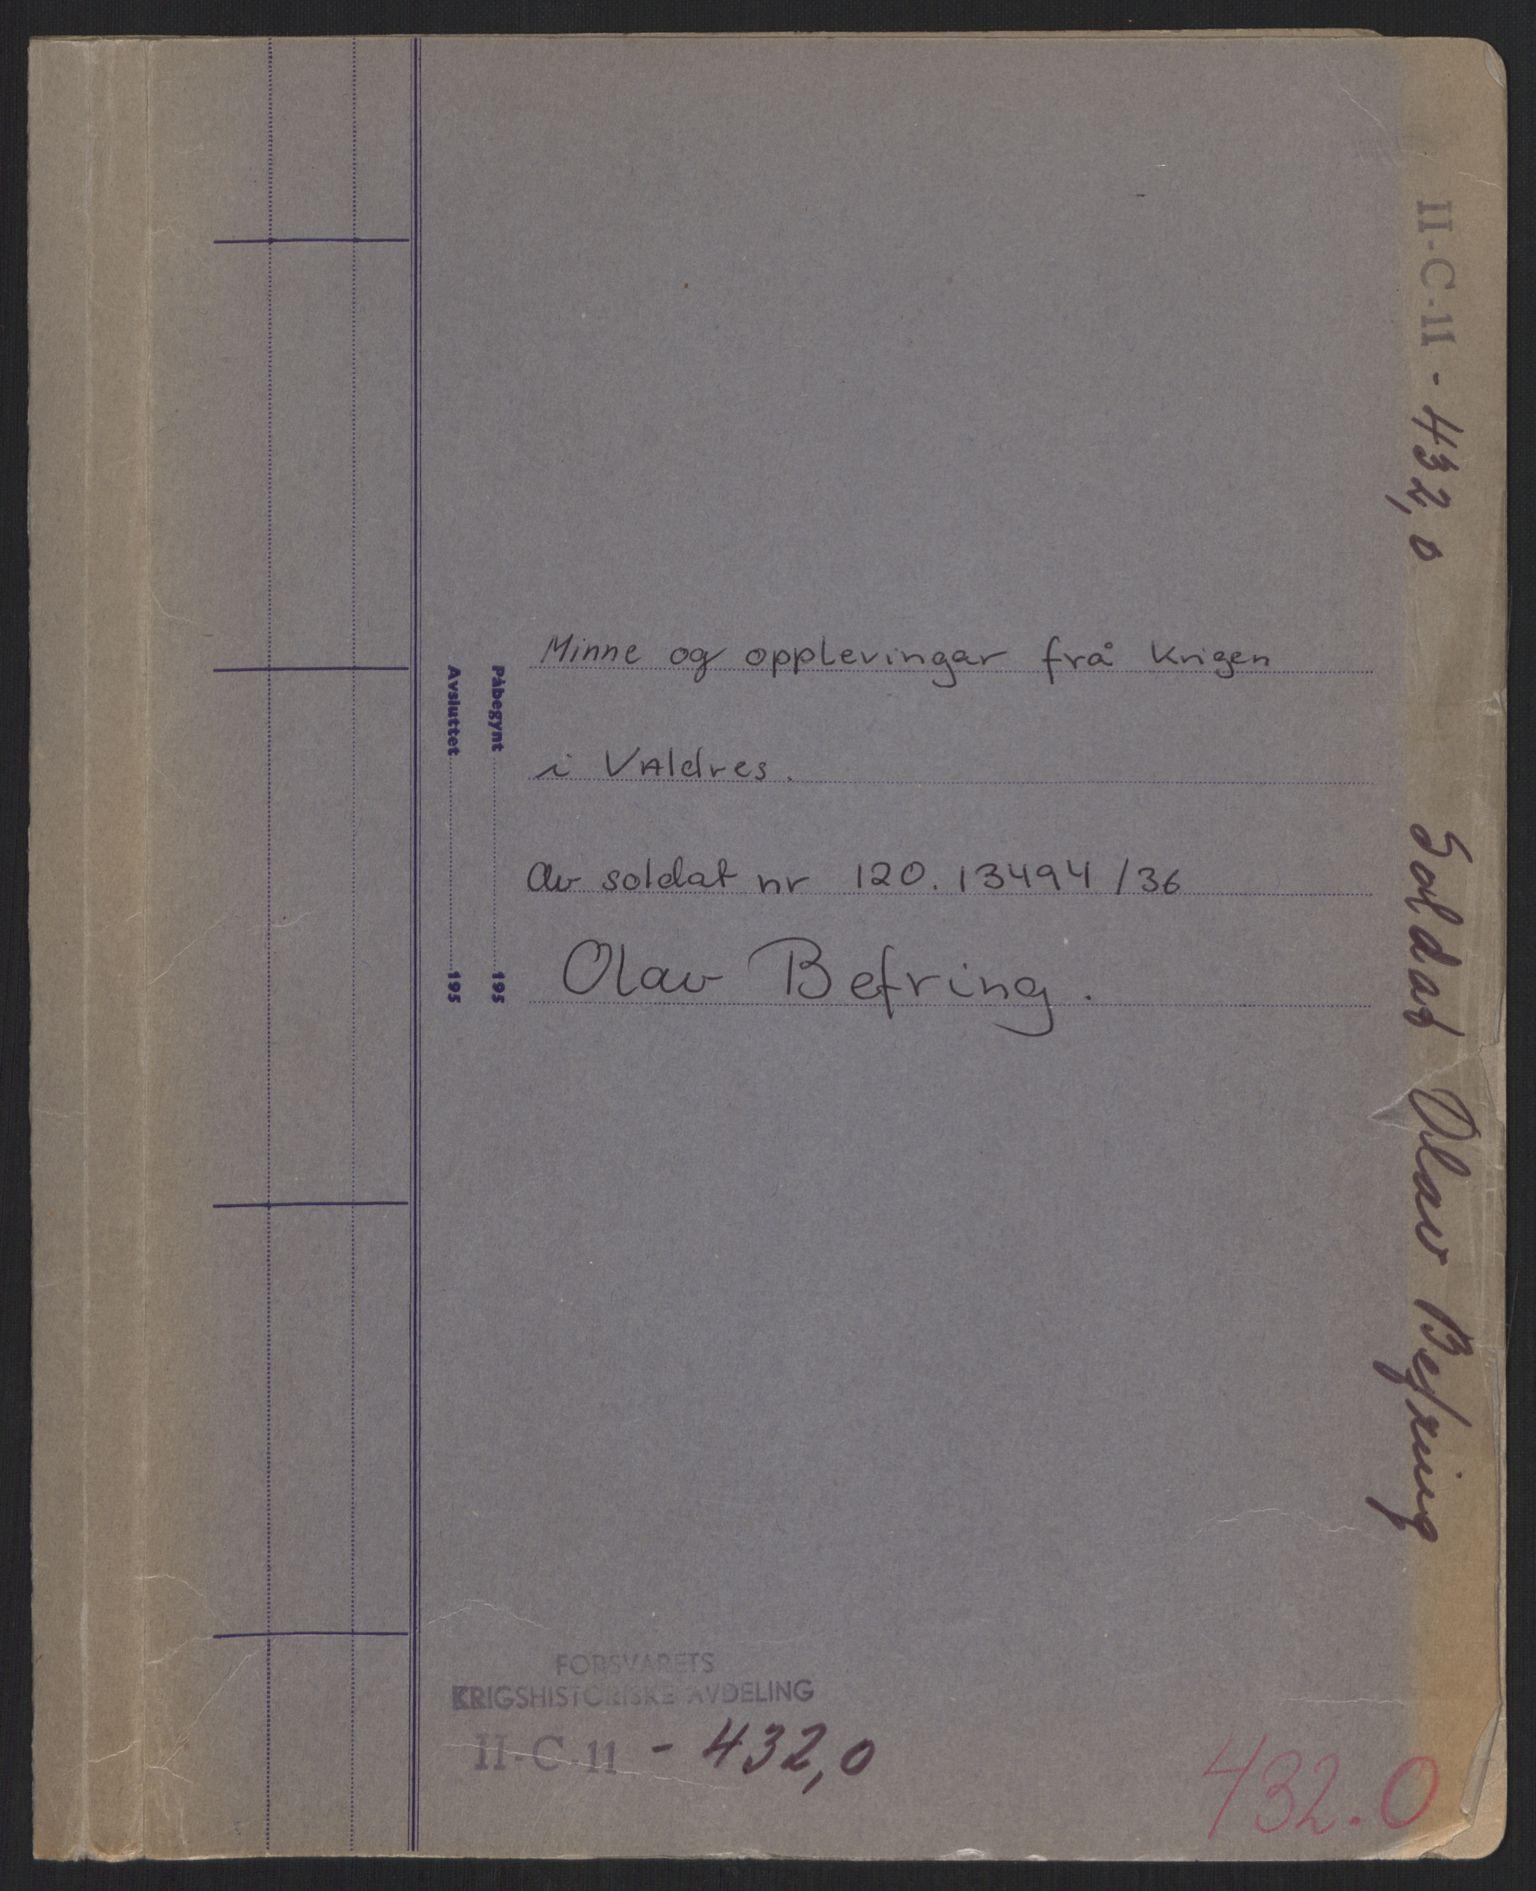 RA, Forsvaret, Forsvarets krigshistoriske avdeling, Y/Yb/L0106: II-C-11-433-438  -  4. Divisjon., 1940, s. 1